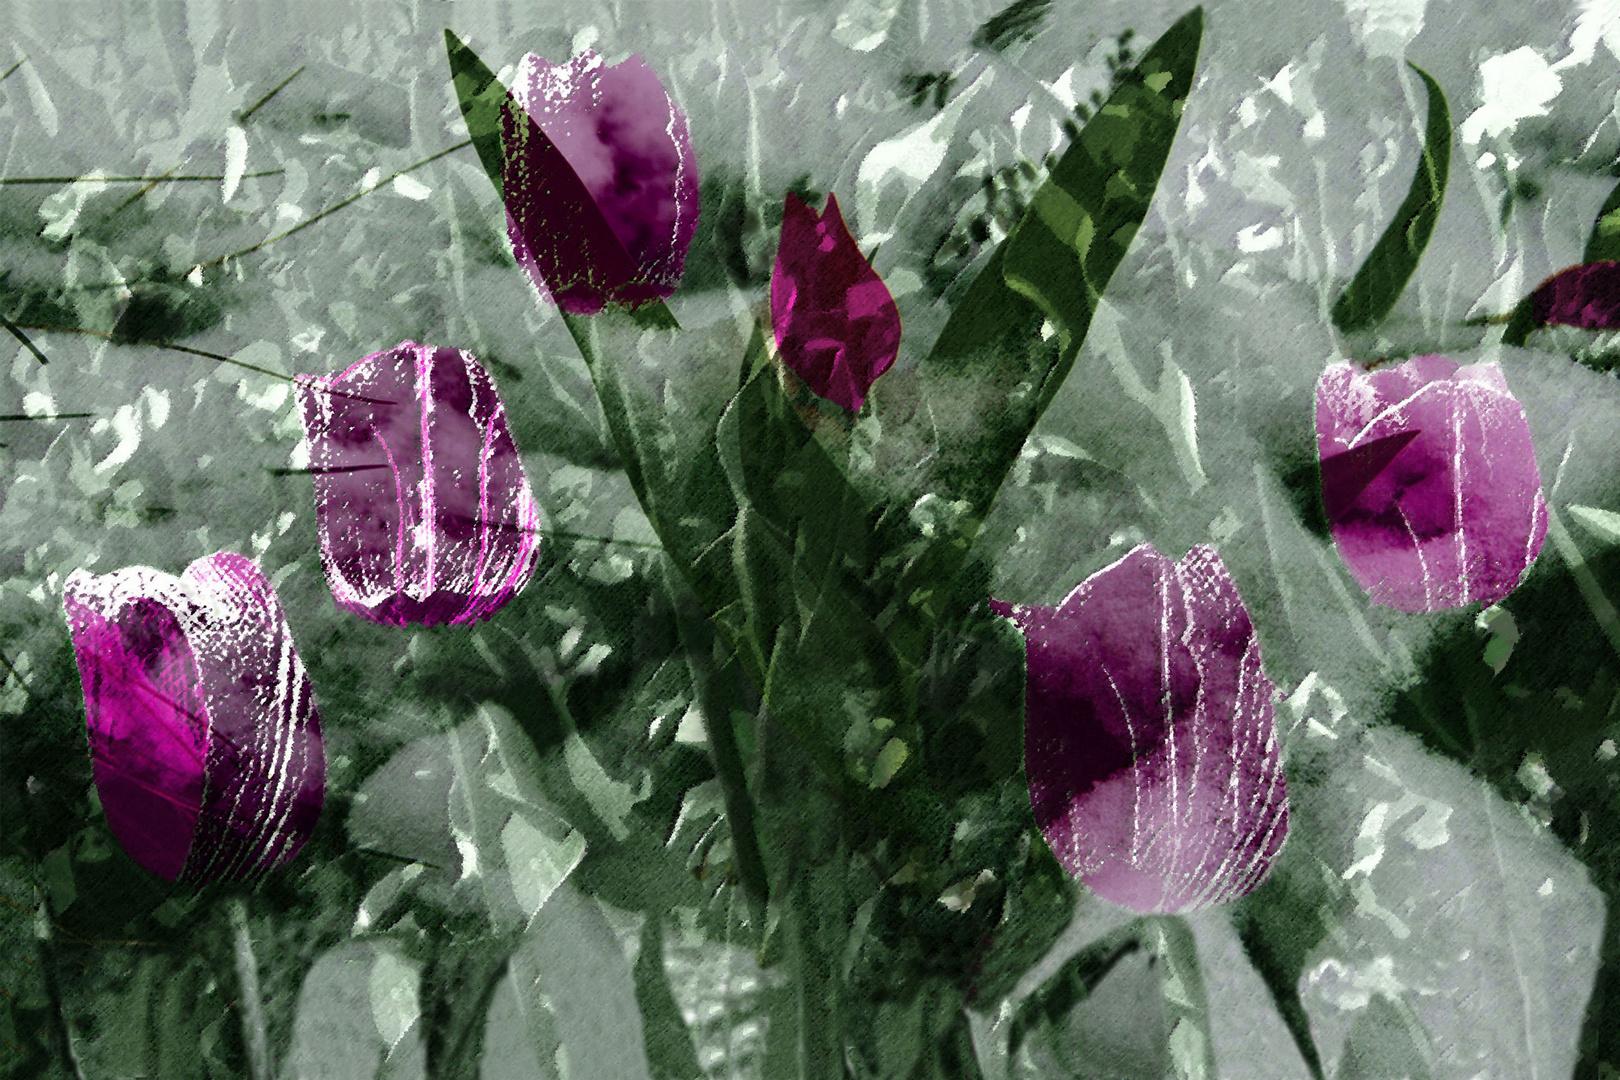 Frozen tulips